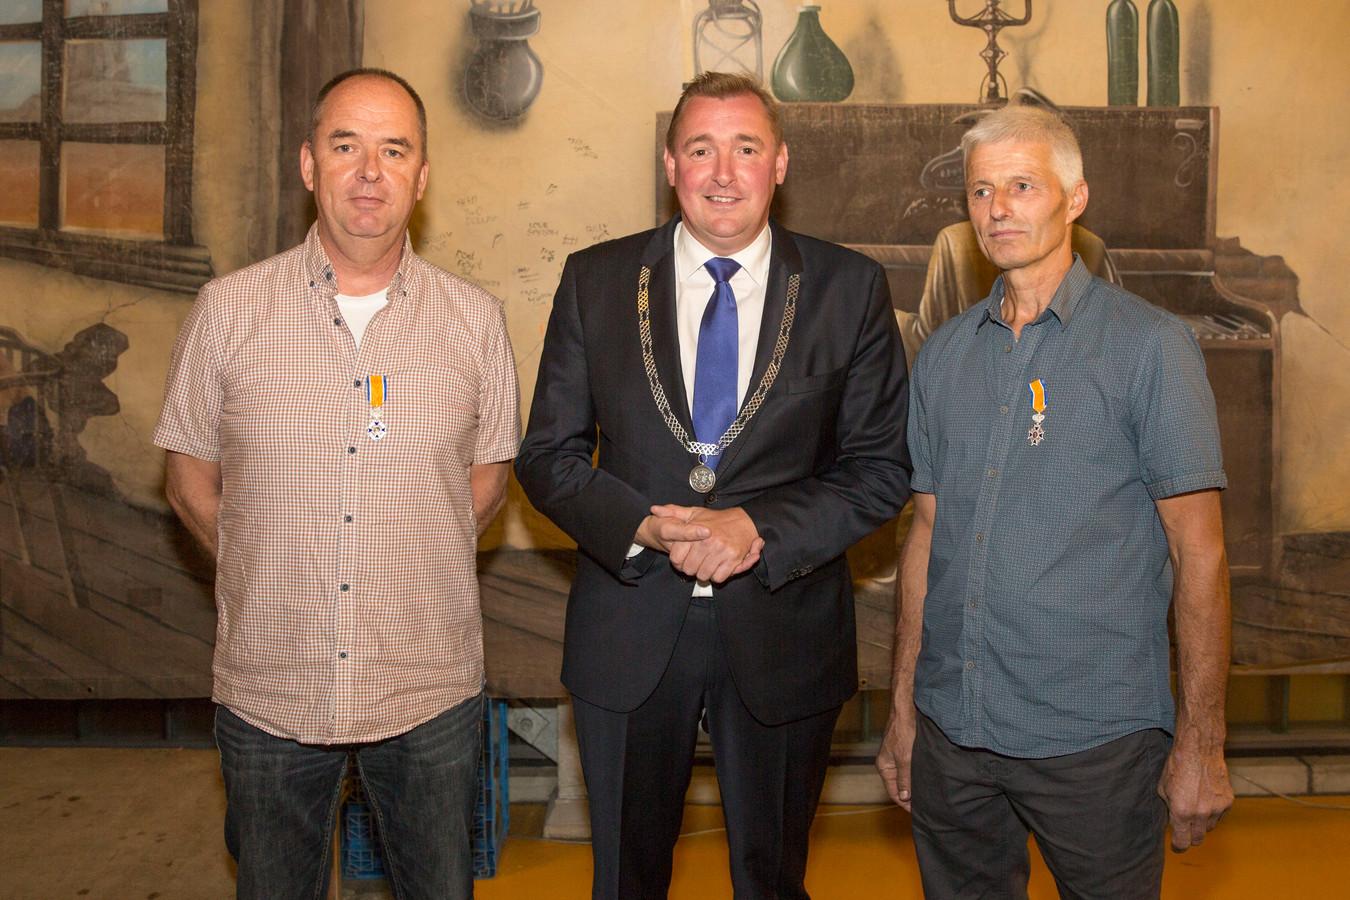 Borssele lintje voor twee brandweermannen. Frank van der Jagt, burgemeester Gerben Dijksterhuis en Aart van Wingen (vlnr).